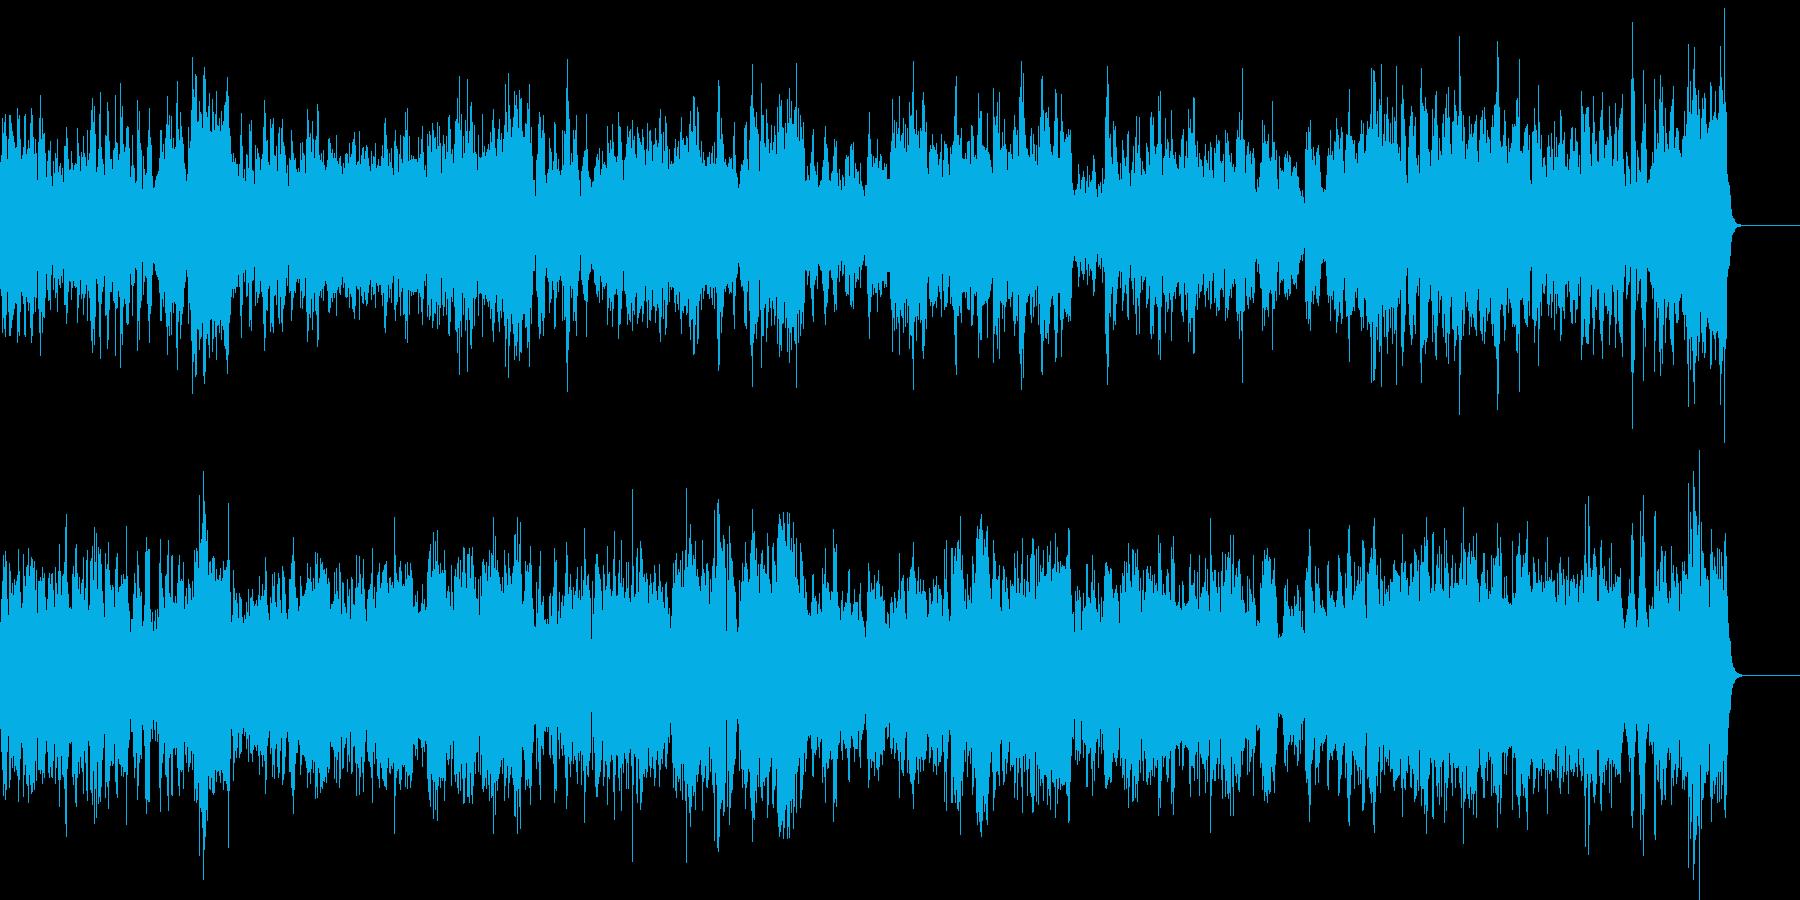 ピアノ2台の豪華な曲・3楽章(バッハ)の再生済みの波形